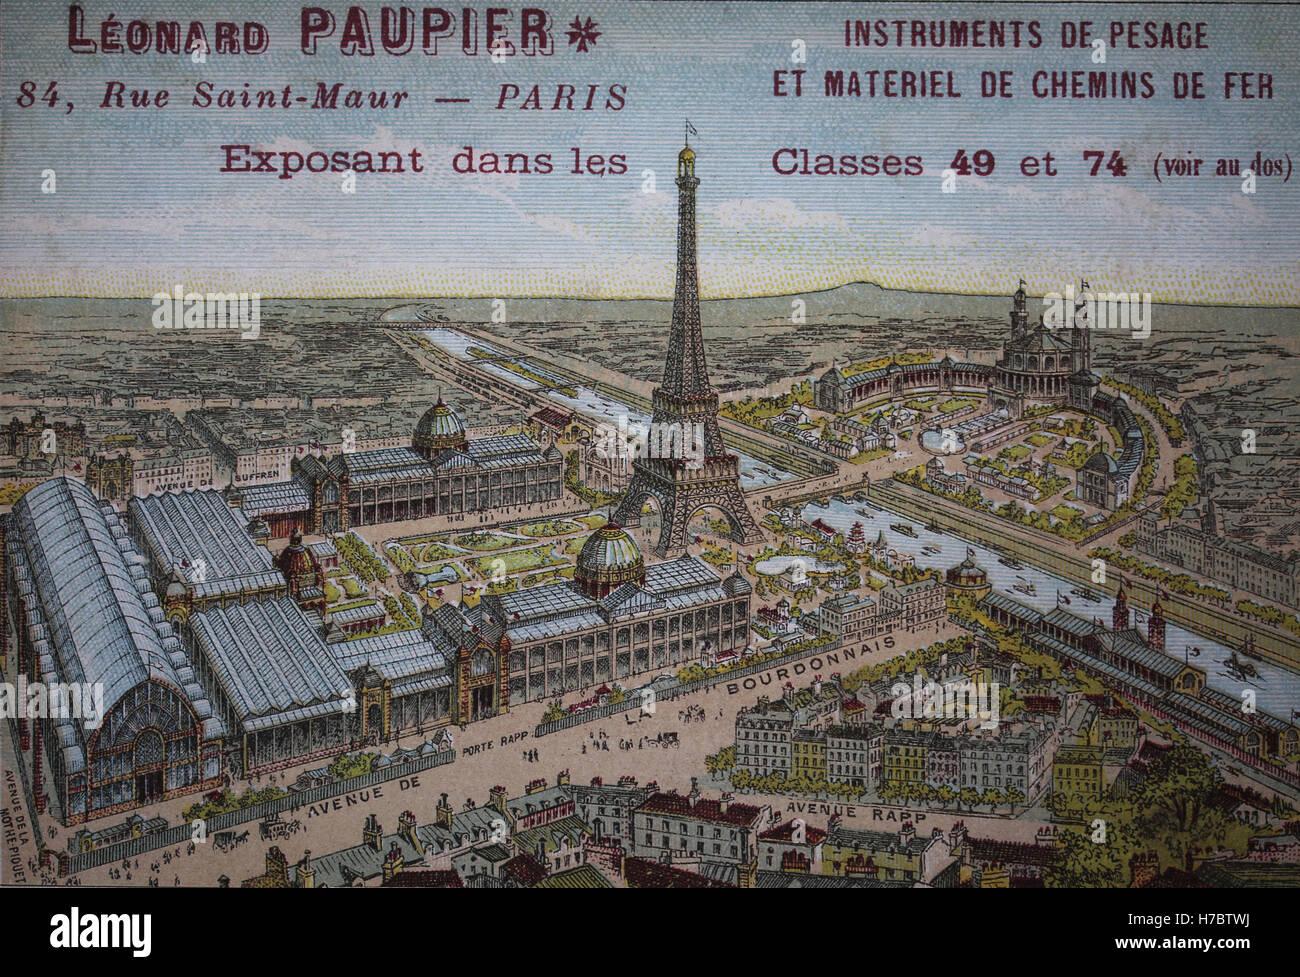 Francia. París. Vista de la feria mundial de París de 1889, con la Torre Eiffel y el Trocadero Palace. Imagen De Stock